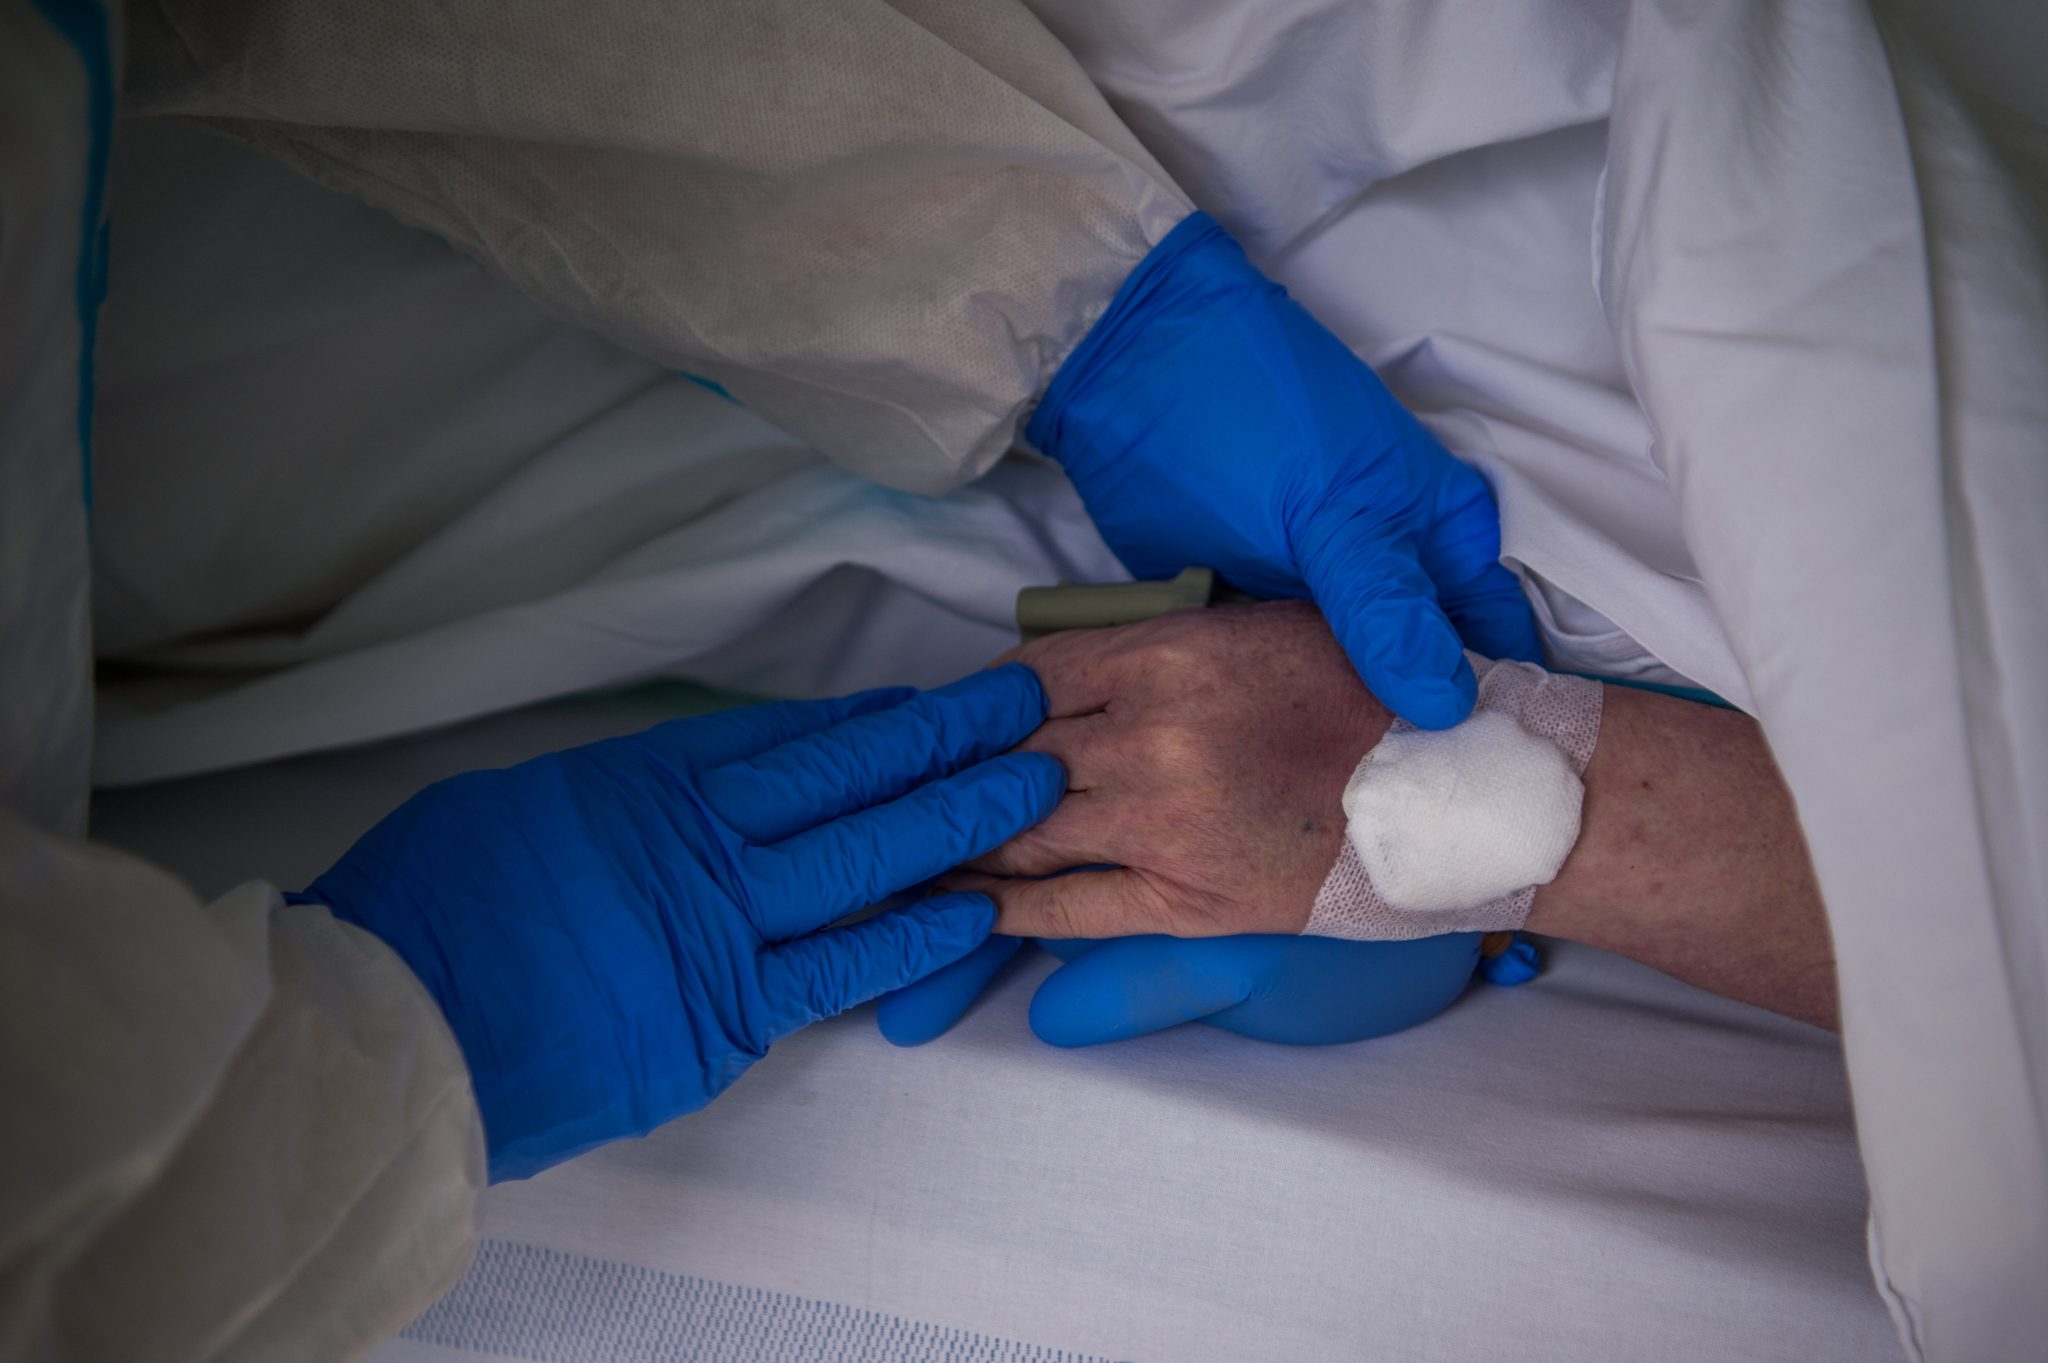 Coronavirus: 152 Fatalities, Number of Active Infections Surpasses 100,000